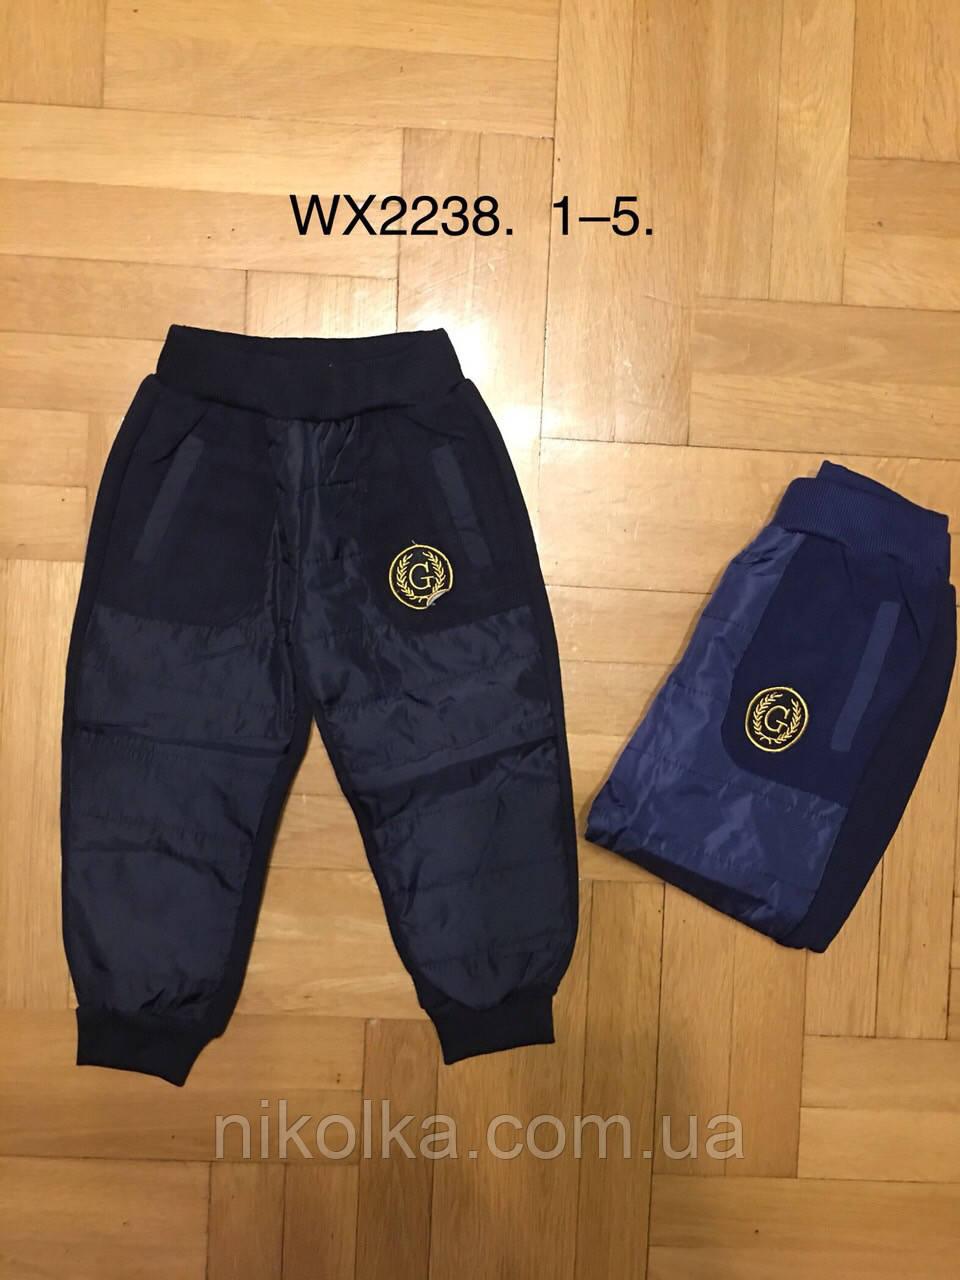 Спортивные брюки на меху для мальчиков оптом, F&D, 1-5 лет, арт. WX-2238